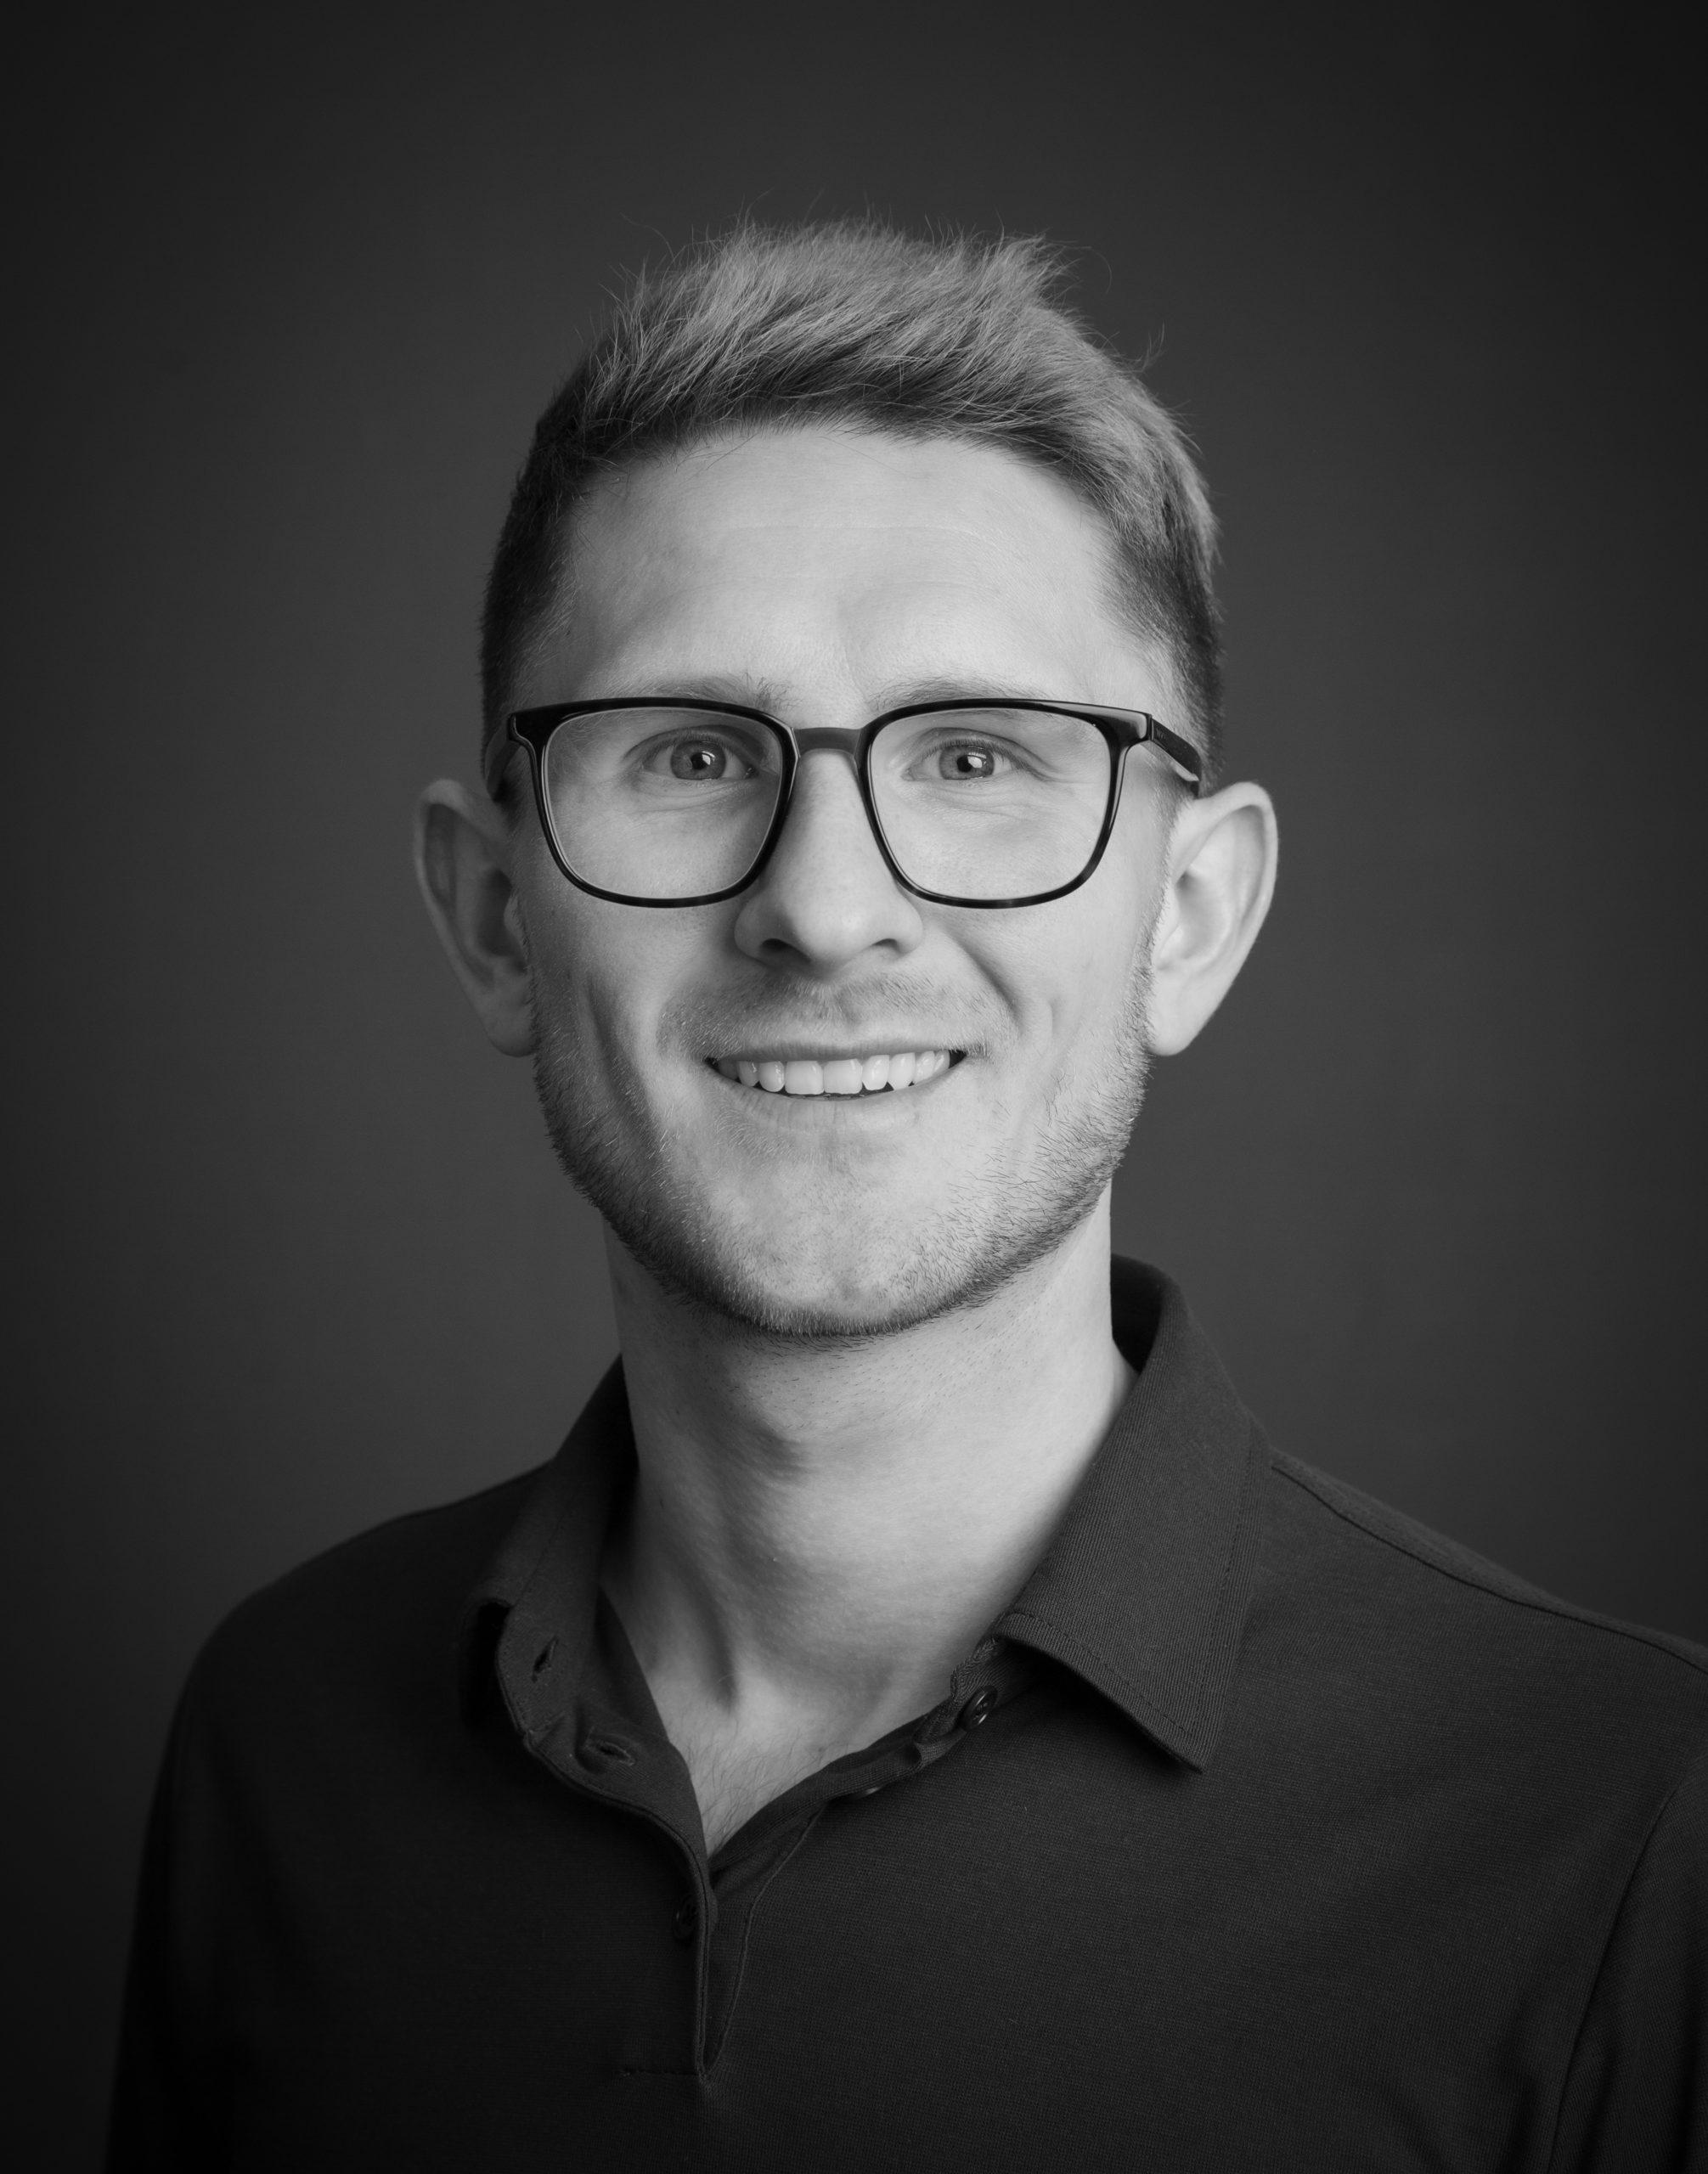 Mathias Starefoss Andersen